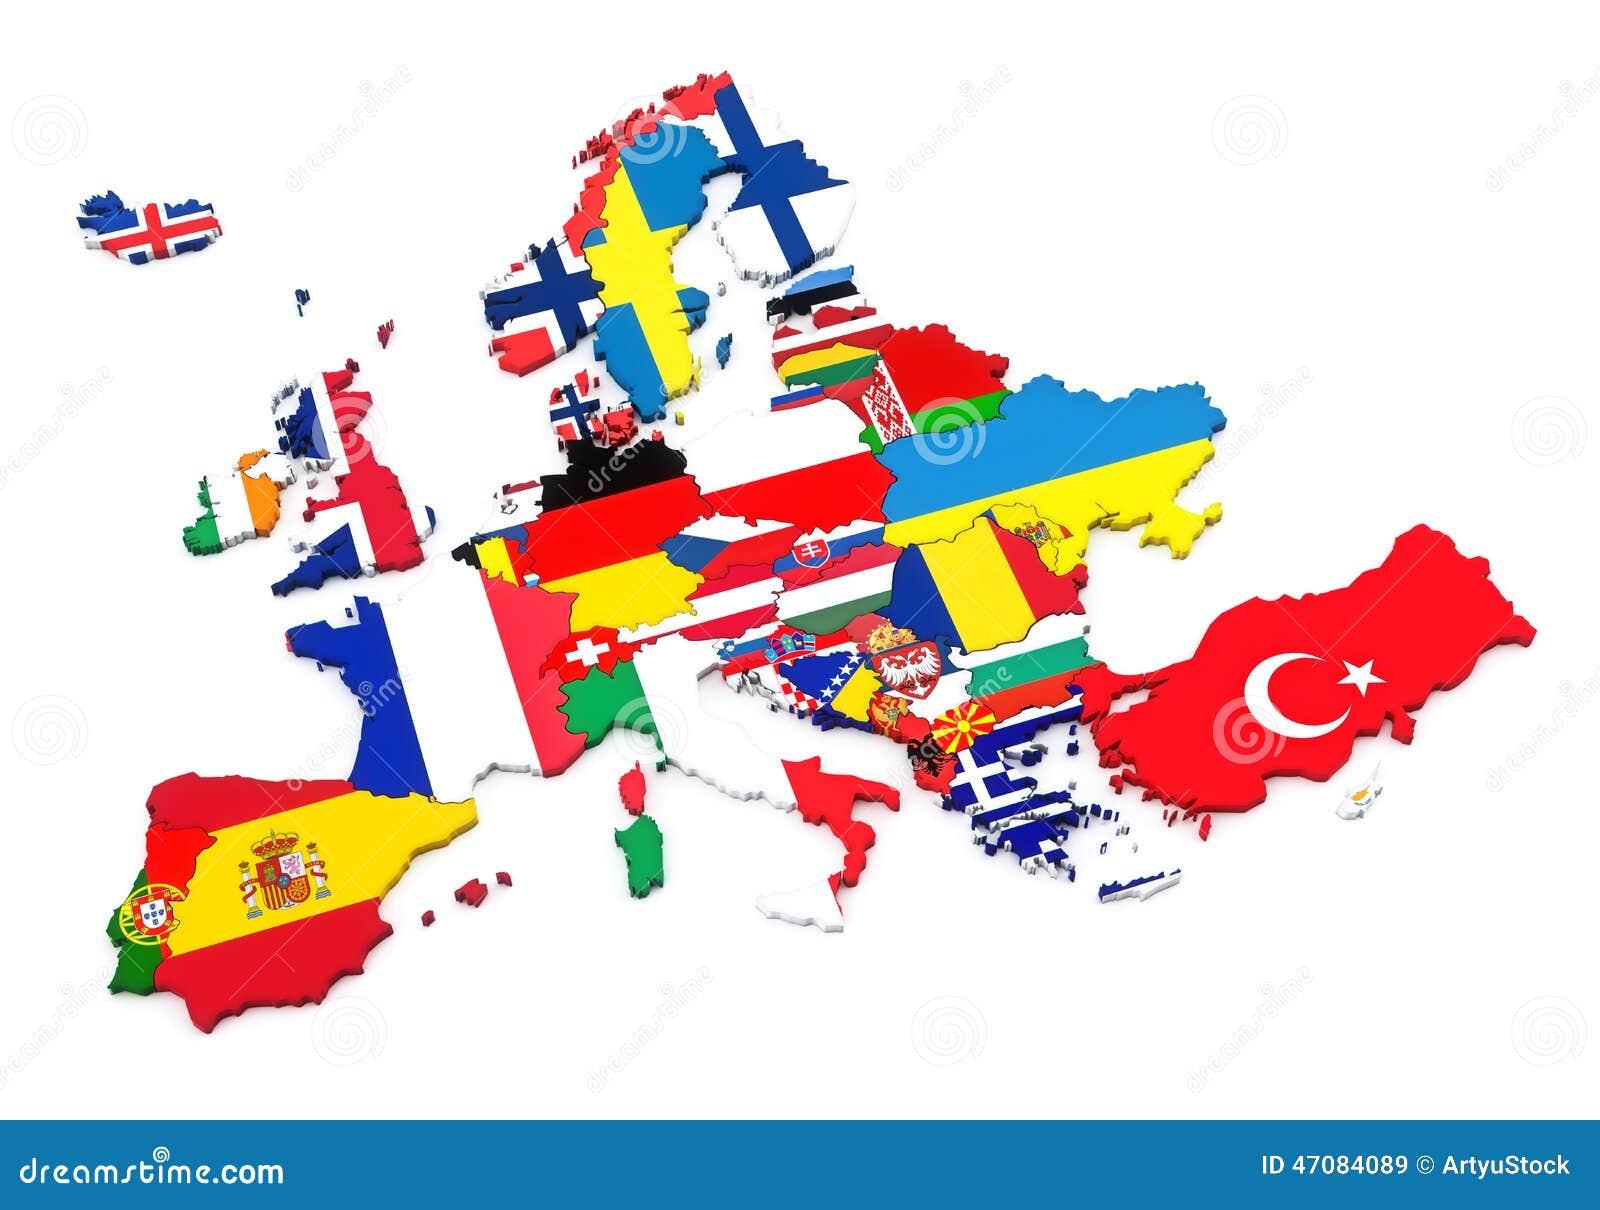 europ228ische l228nder stock abbildung illustration von